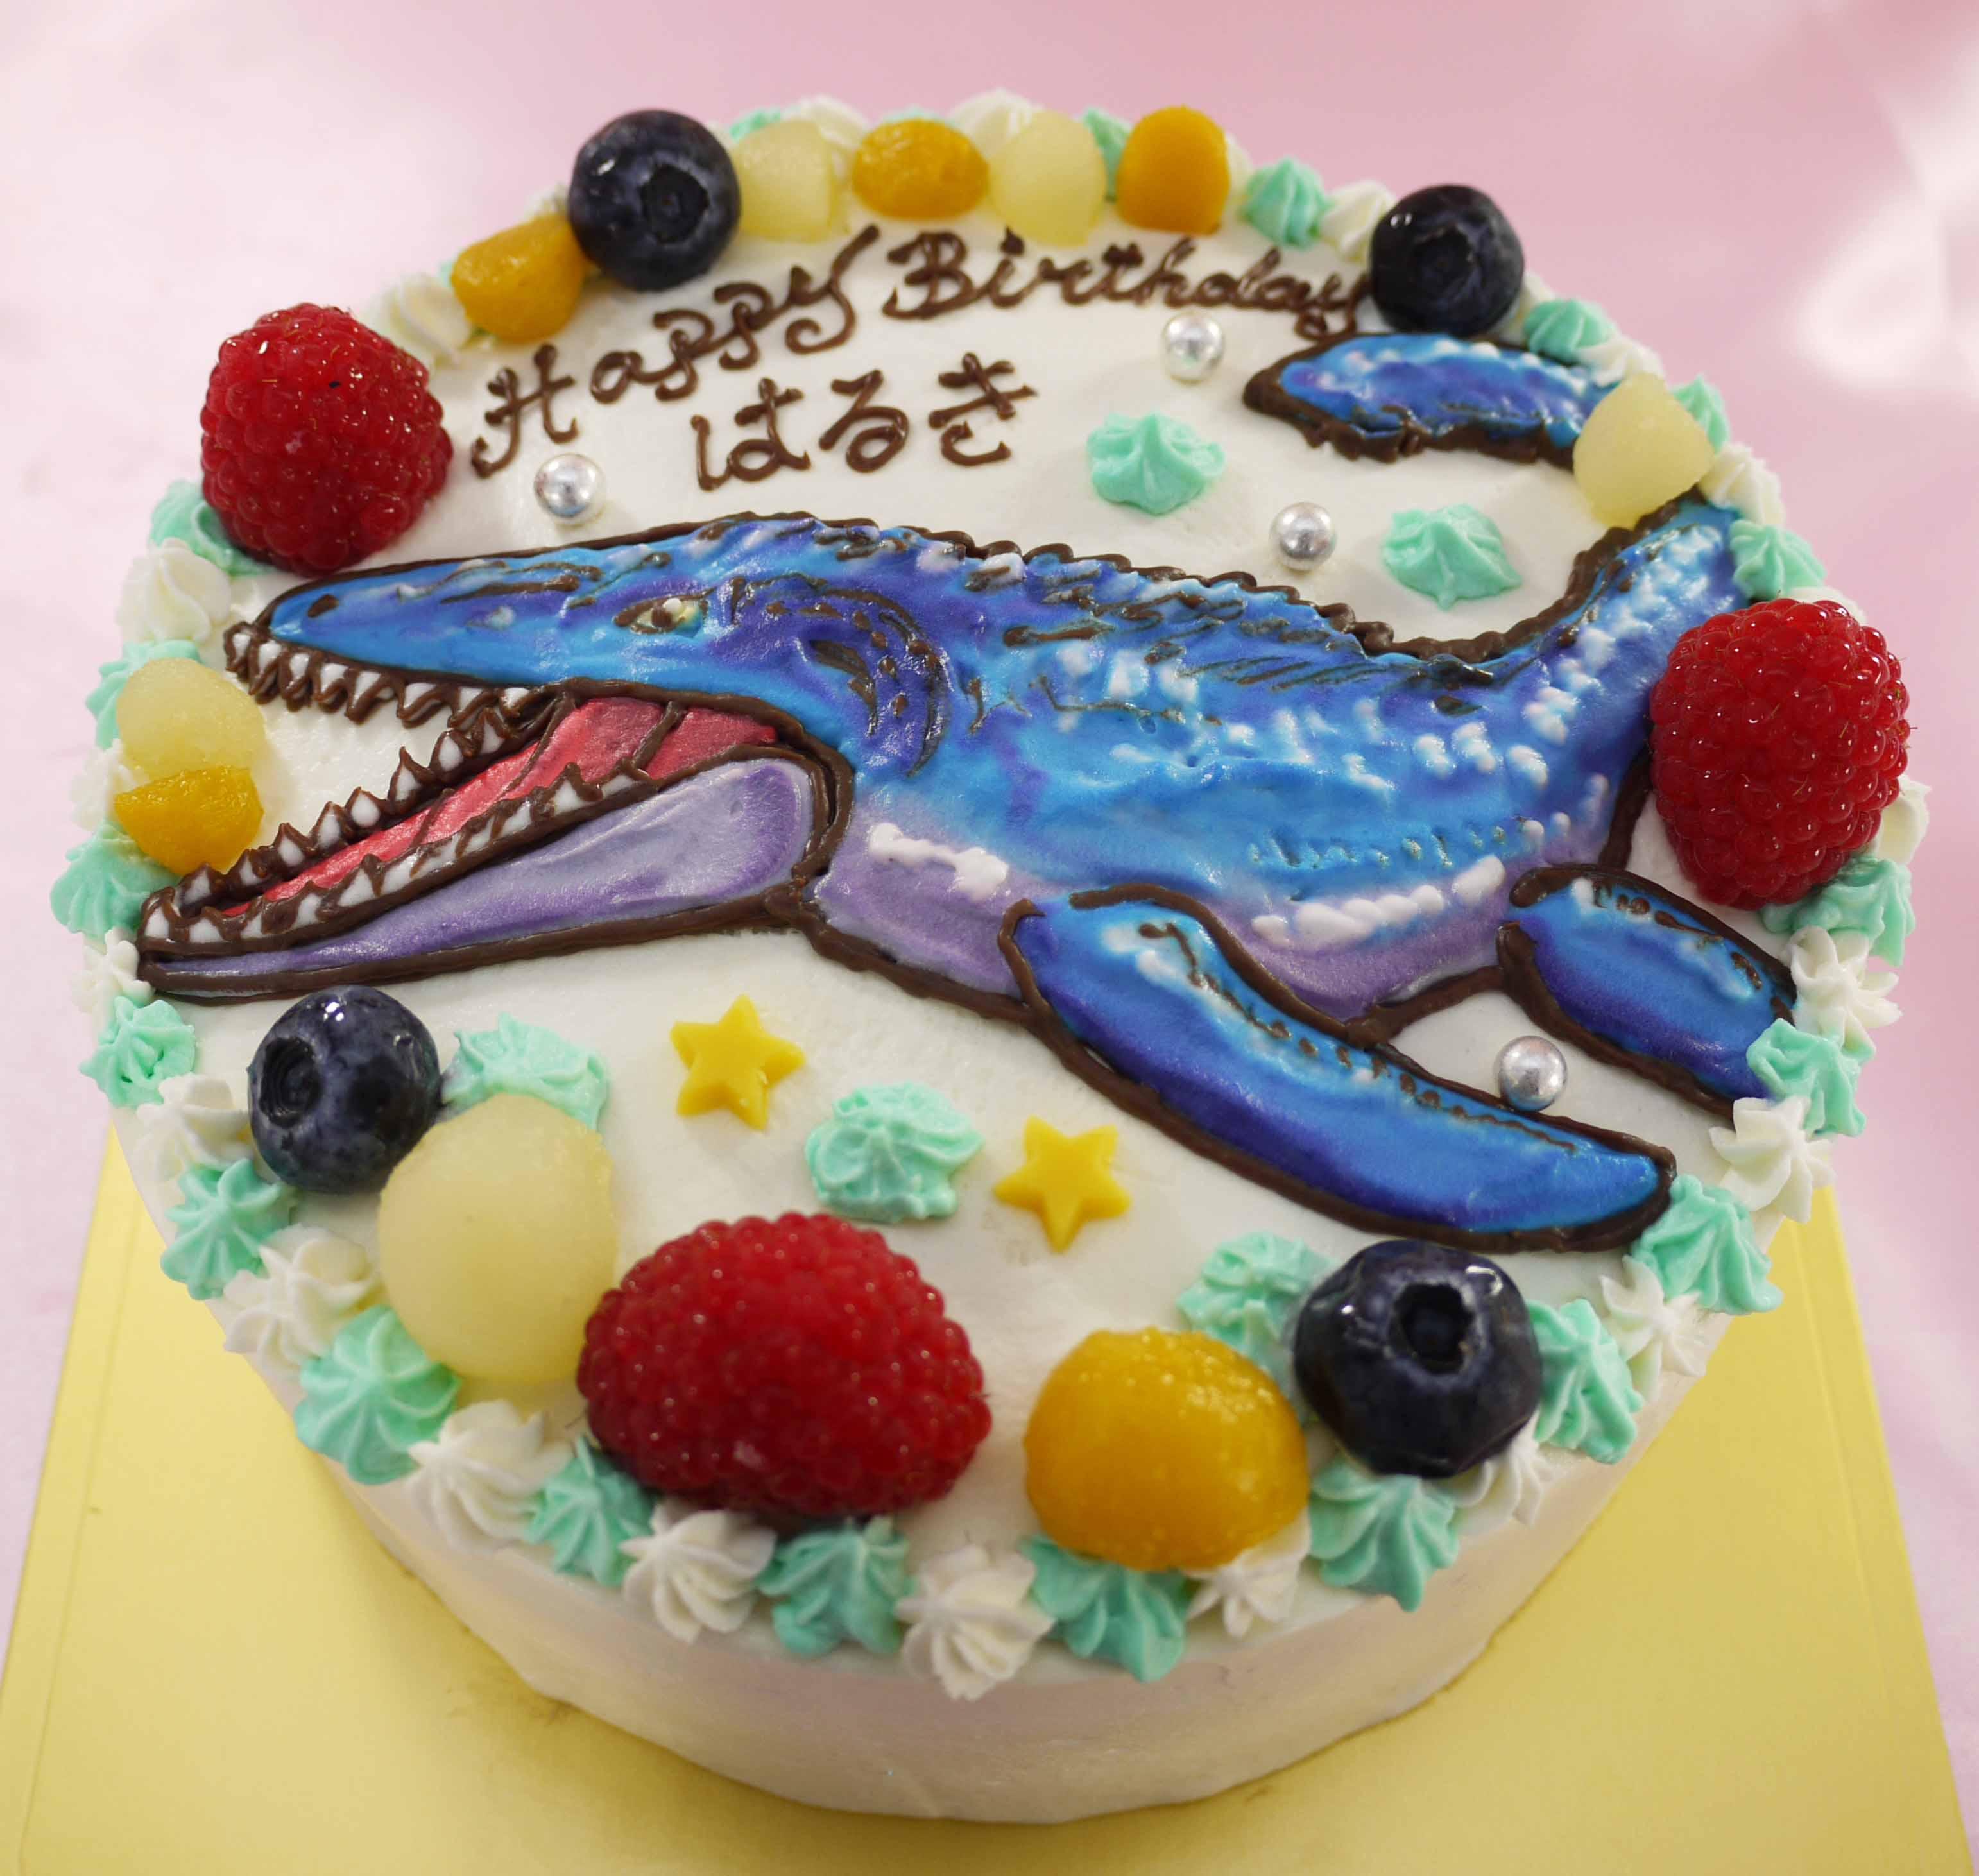 モササウルス(恐竜)のイラストケーキ